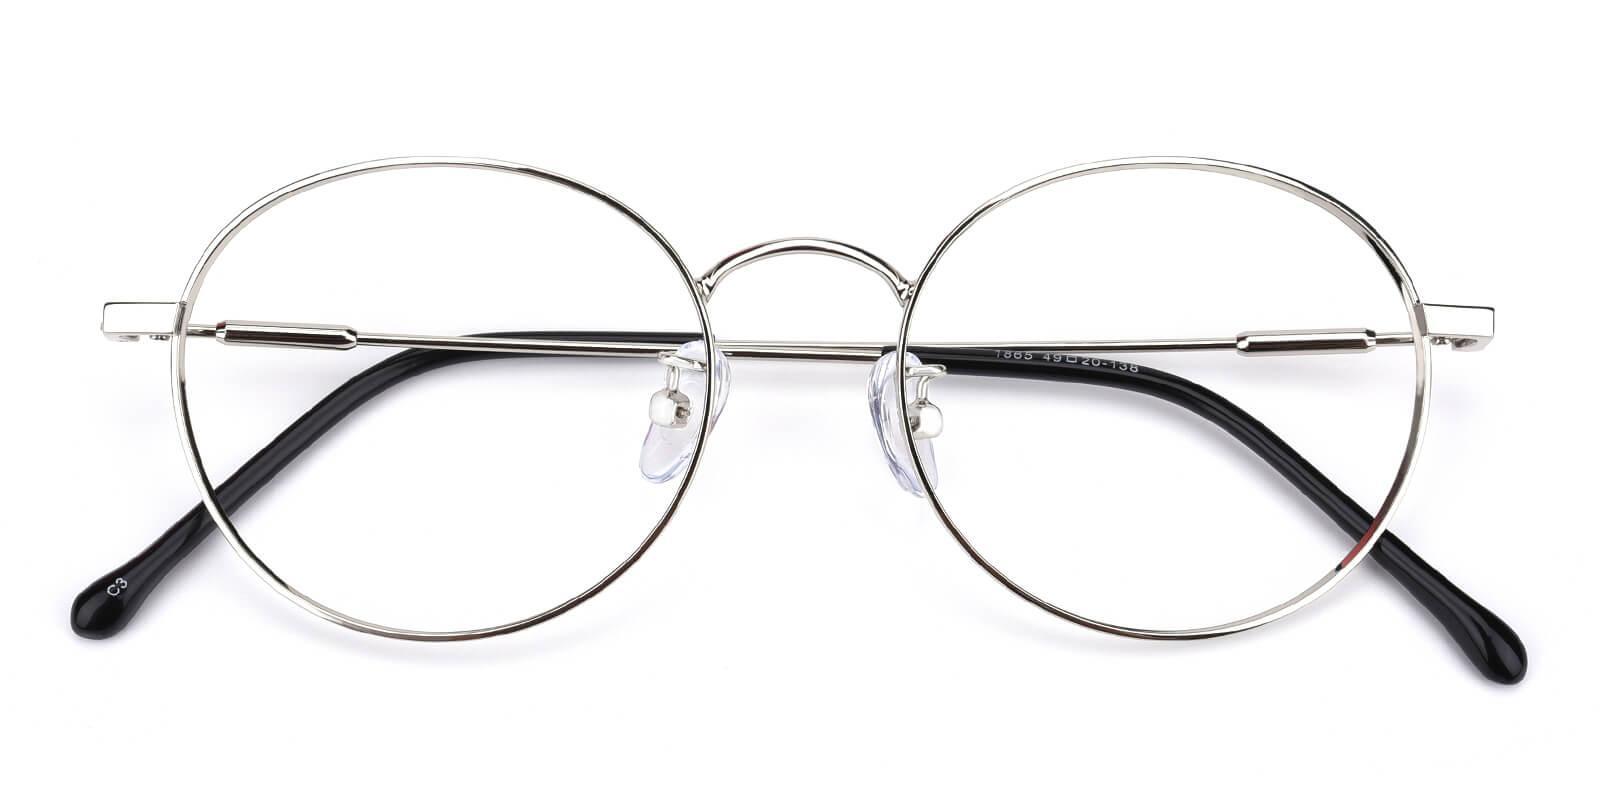 Hibbardr-Silver-Round-Metal-Eyeglasses-detail